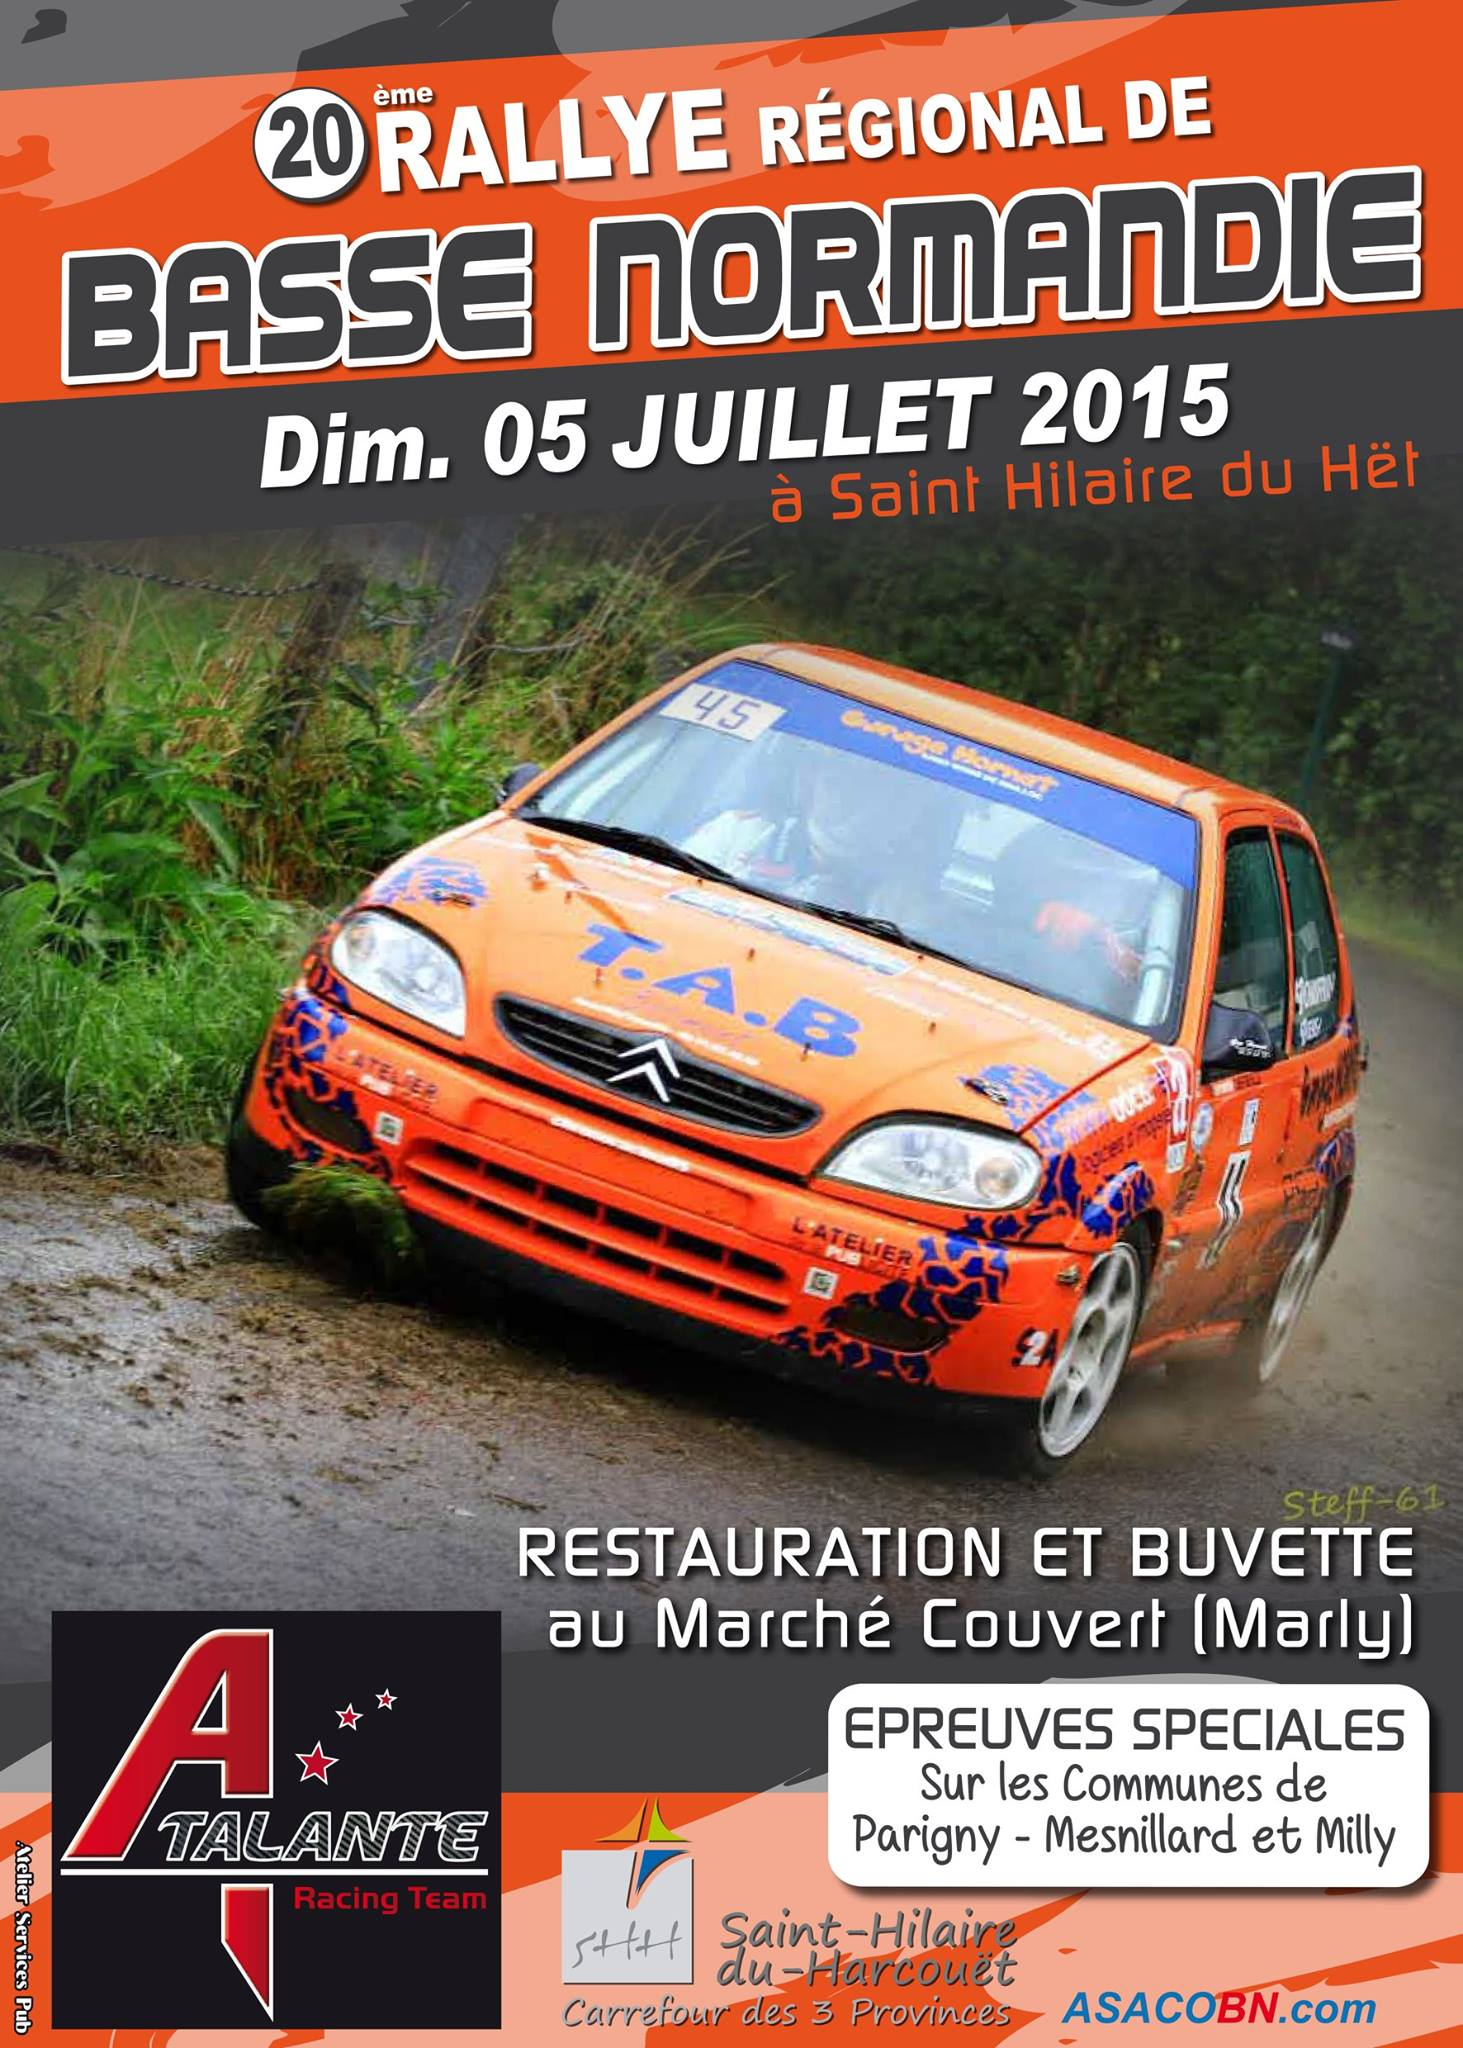 Rallye-Basse-Normandie-2015